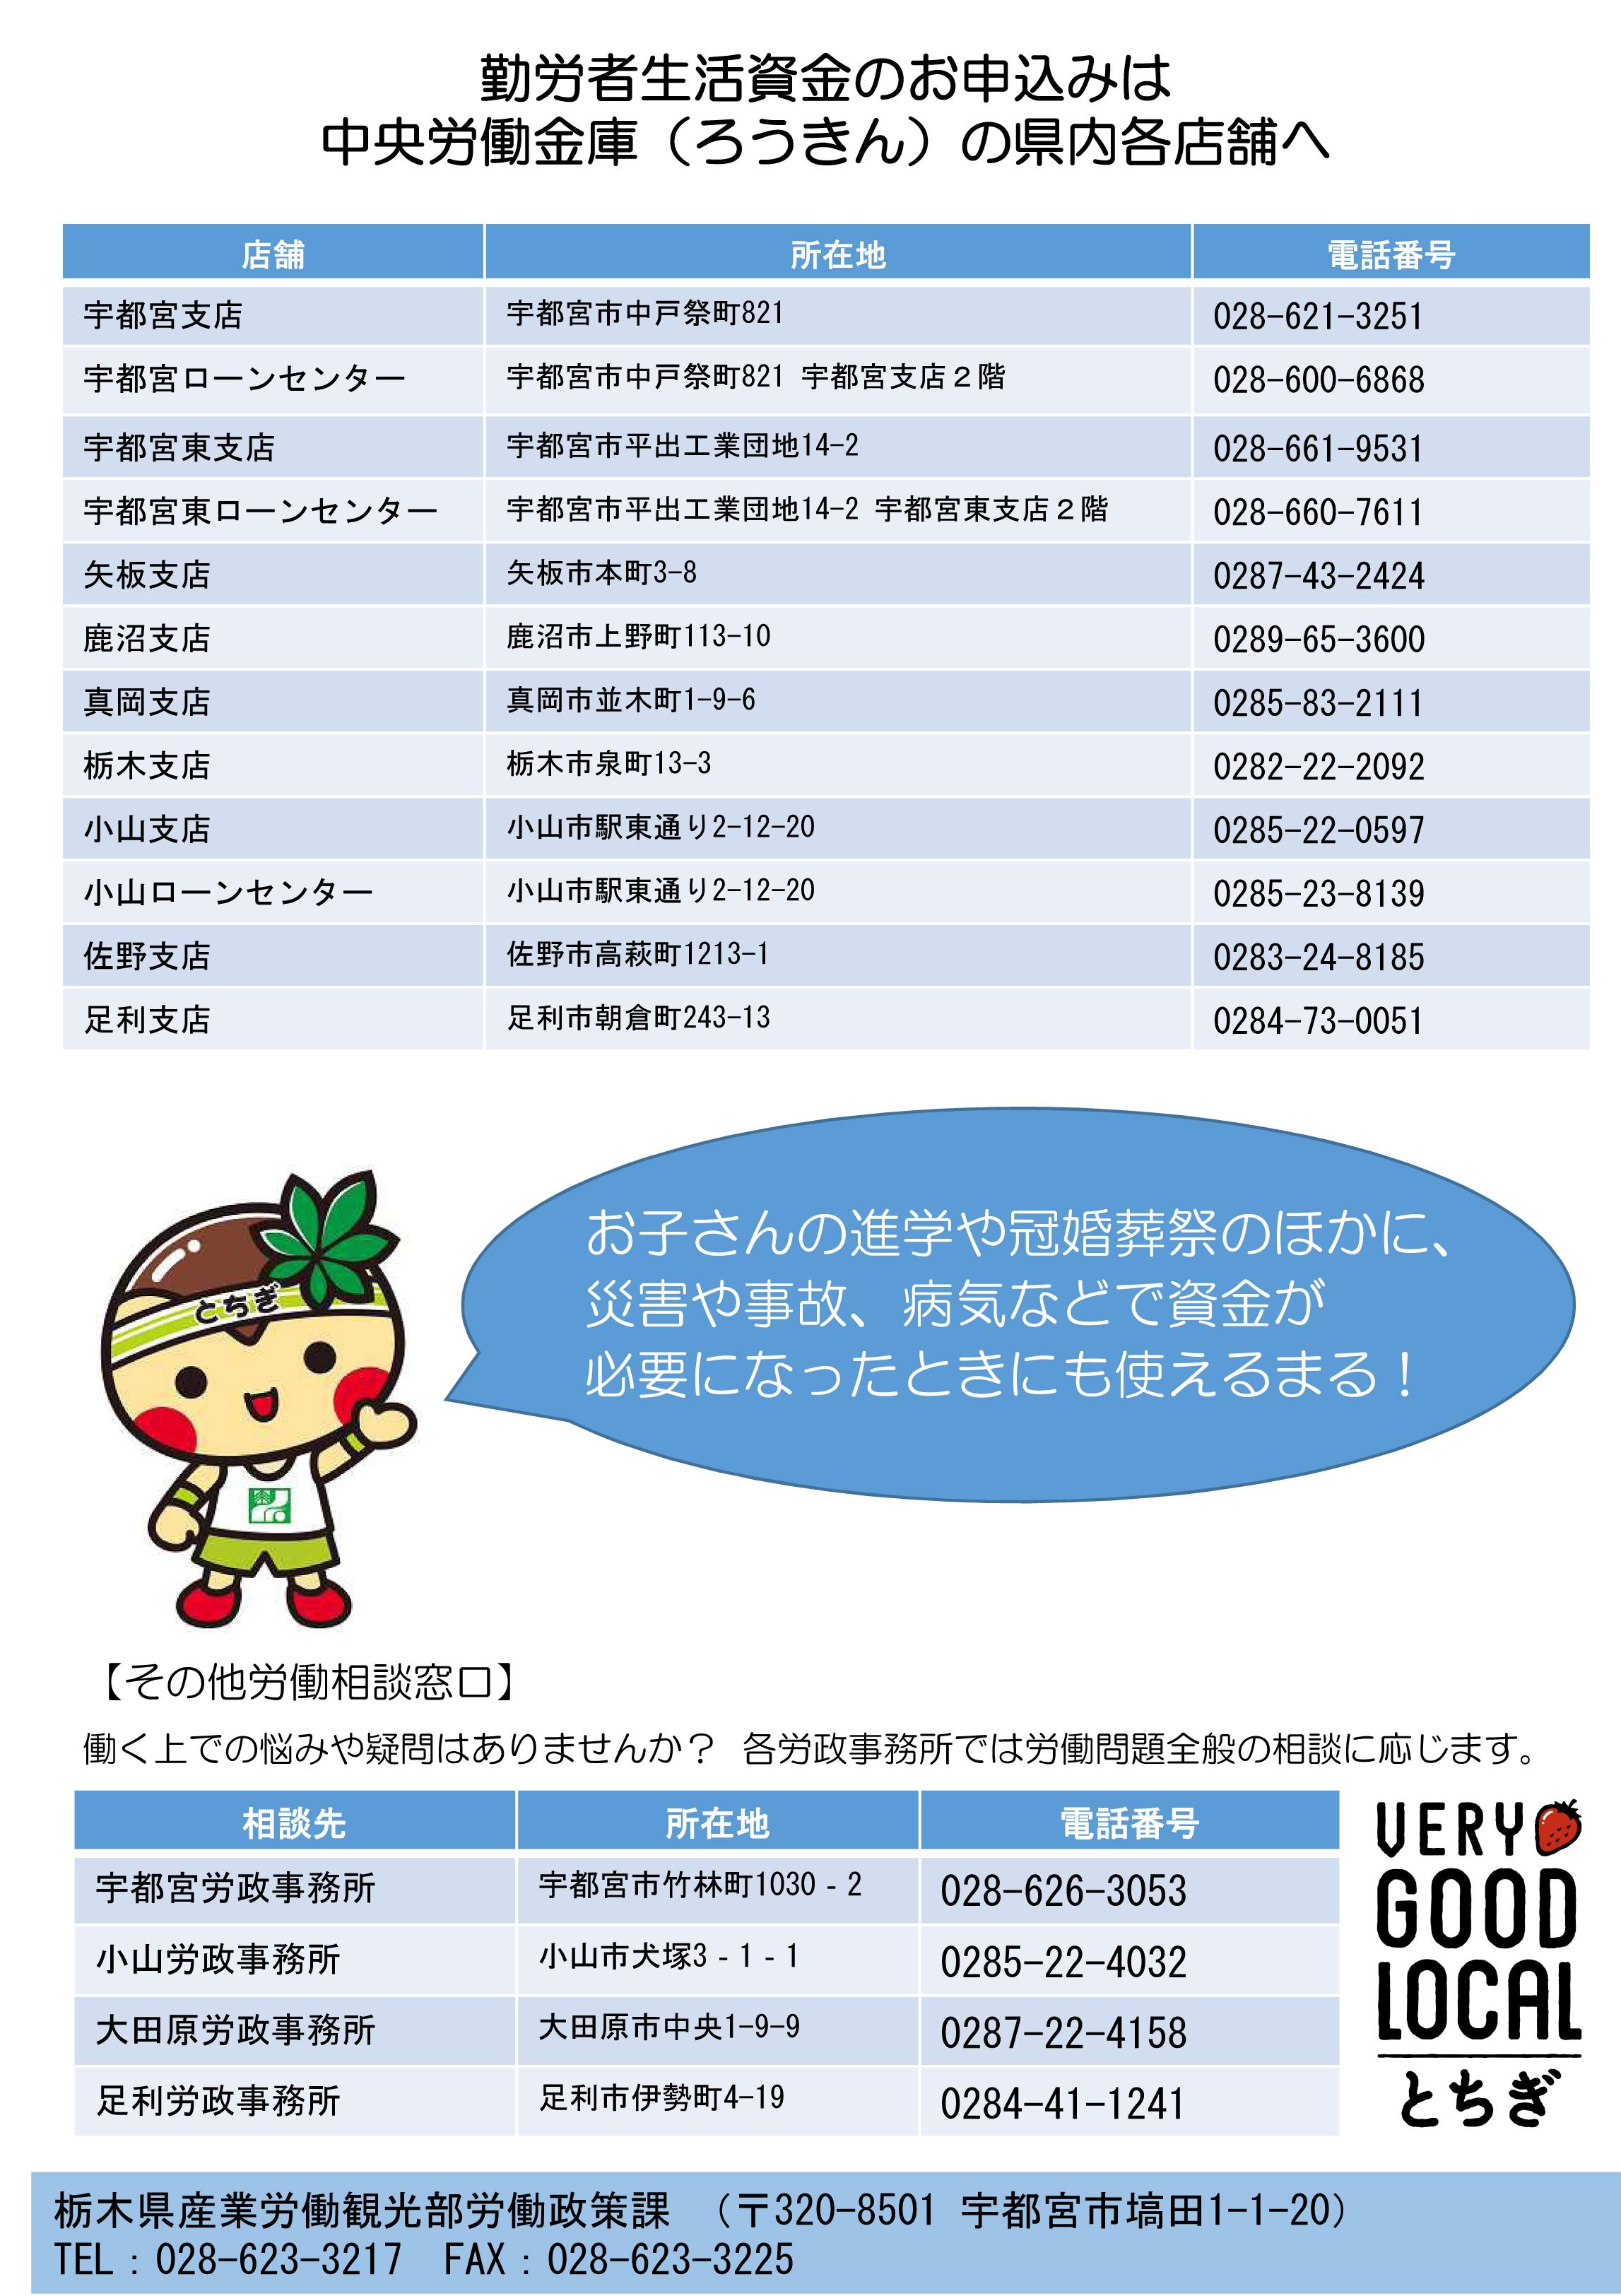 リーフレット_勤労者生活資金